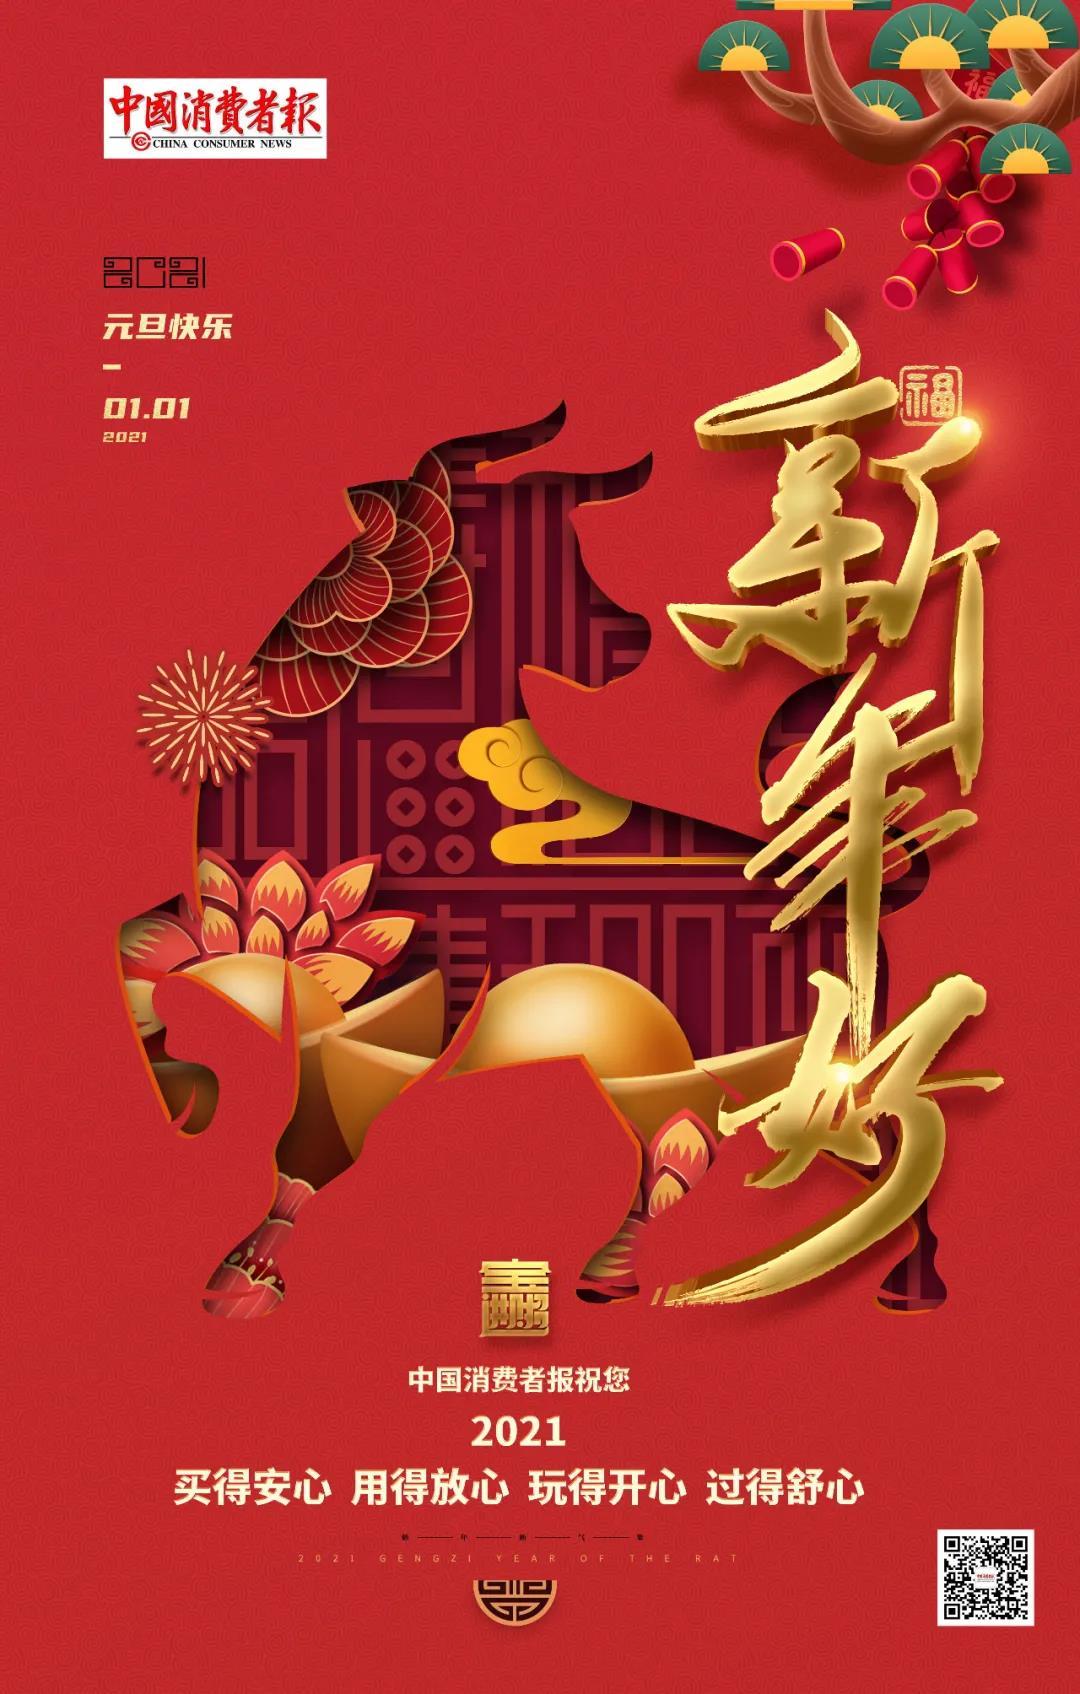 2021,《中国消费者报》送您四个祝福!